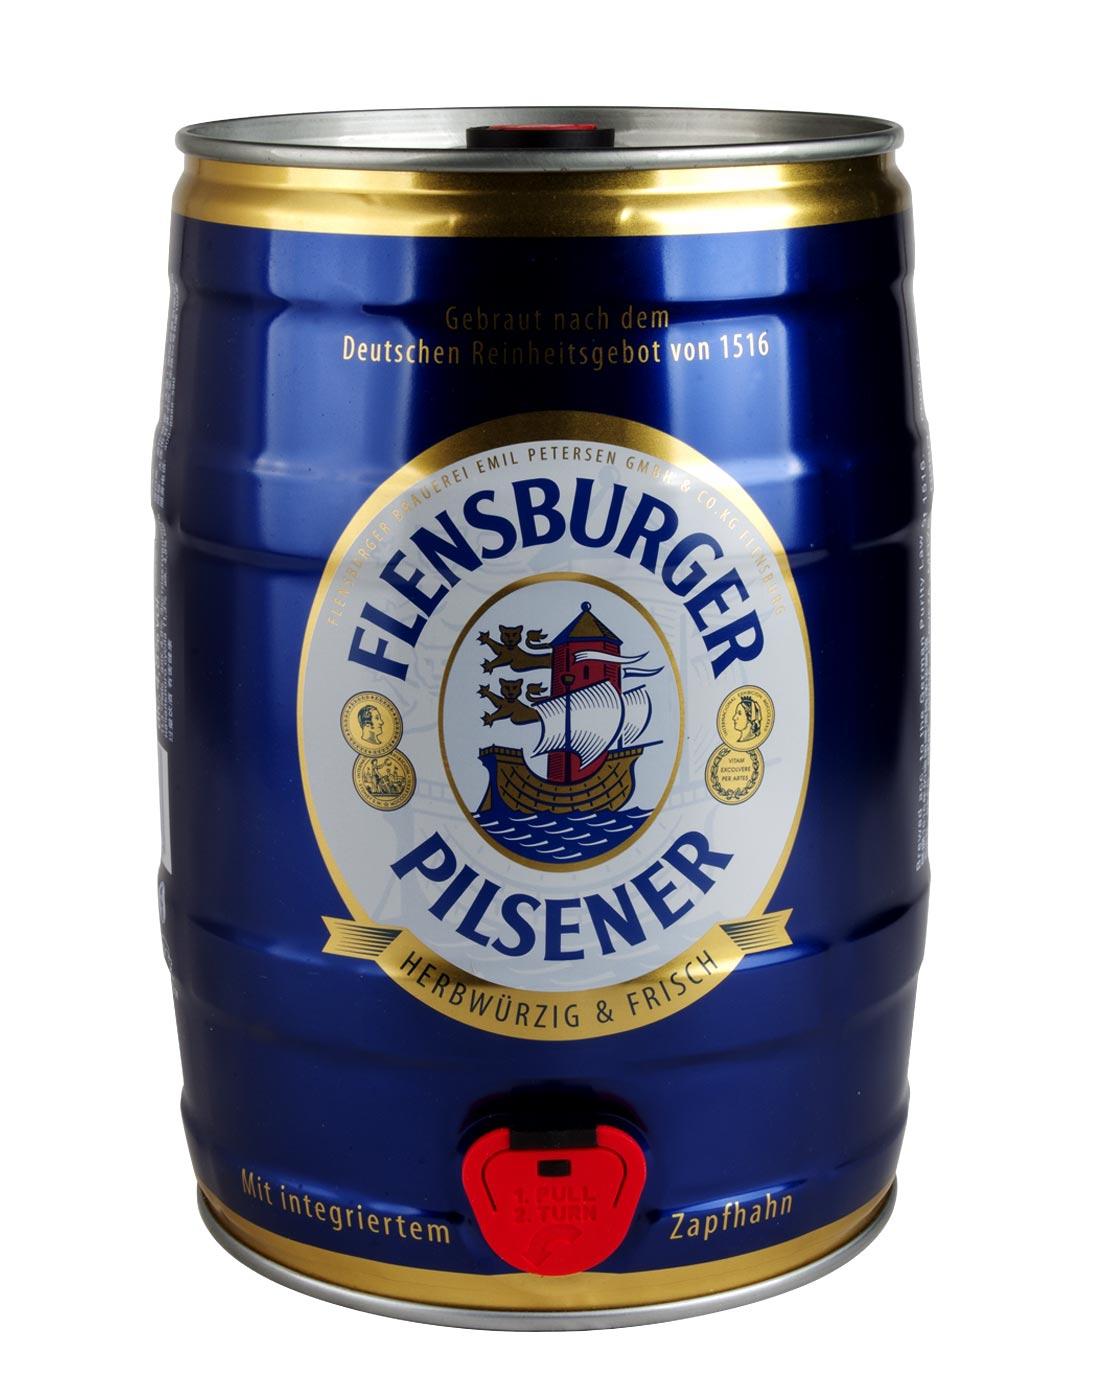 干啤酒5l比尔森啤酒德国原瓶进口